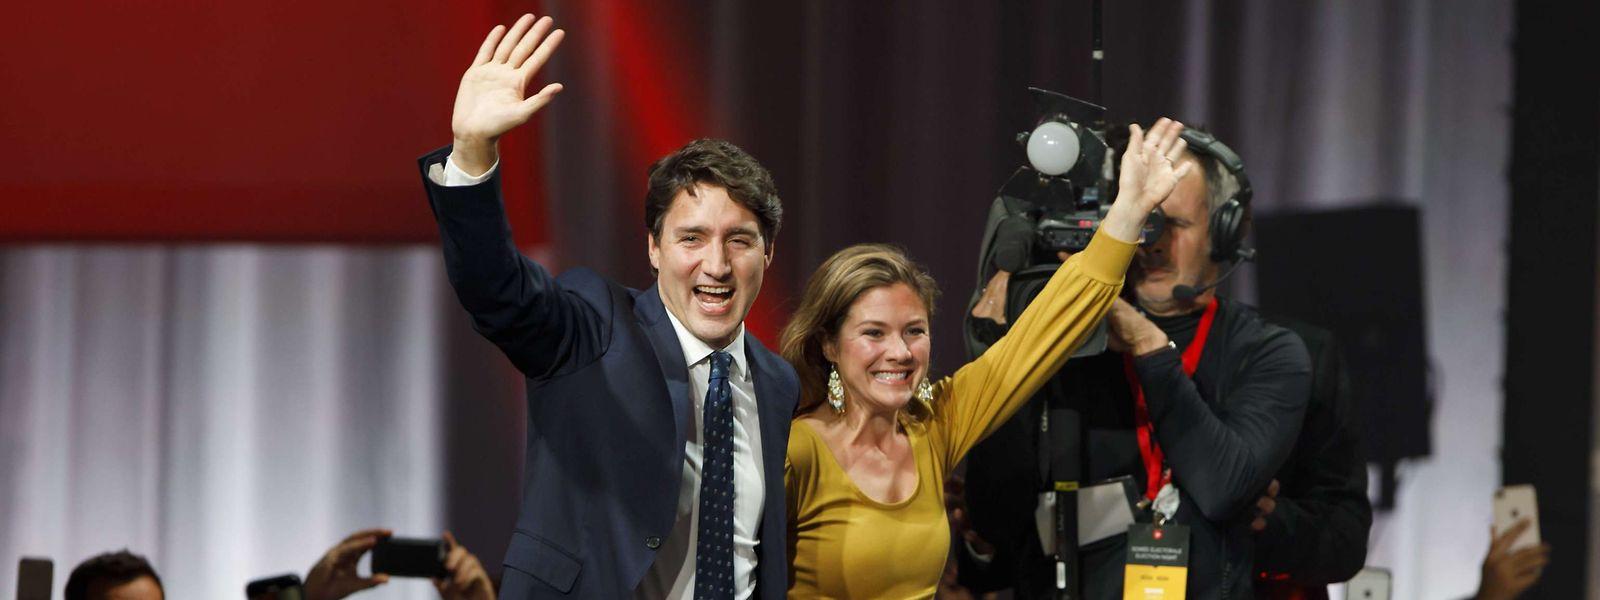 Platz eins gehalten: Justin Trudeau und Ehefrau Sophie lassen sich von ihren Anhängern feiern.